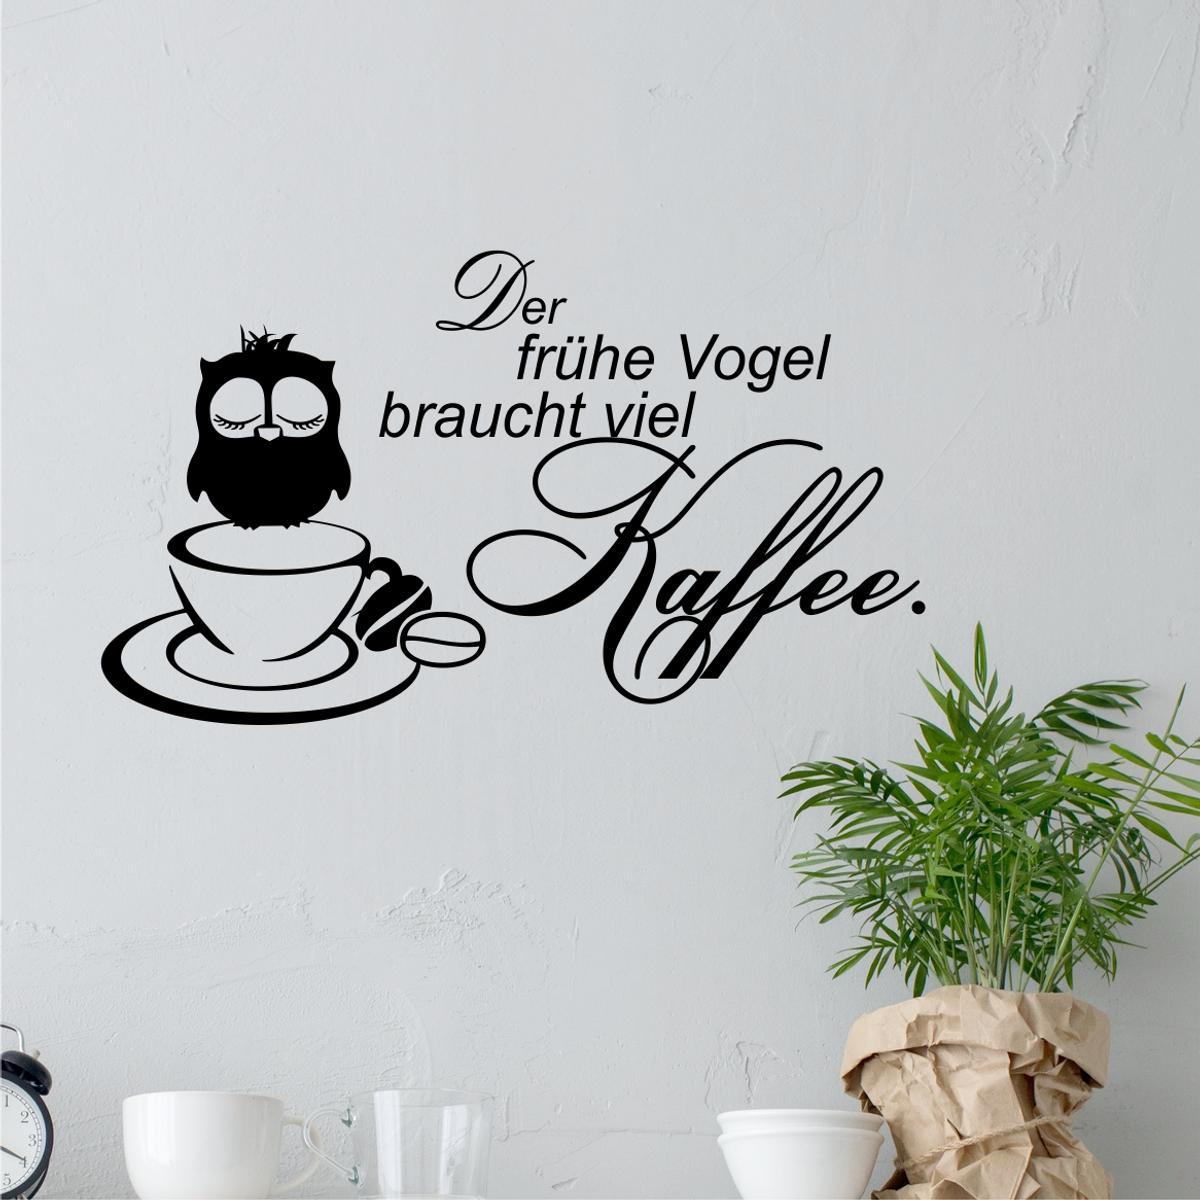 Greenluup Wandtattoo Kaffee Kaffeetasse Wandsticker Der Fruhe Vogel